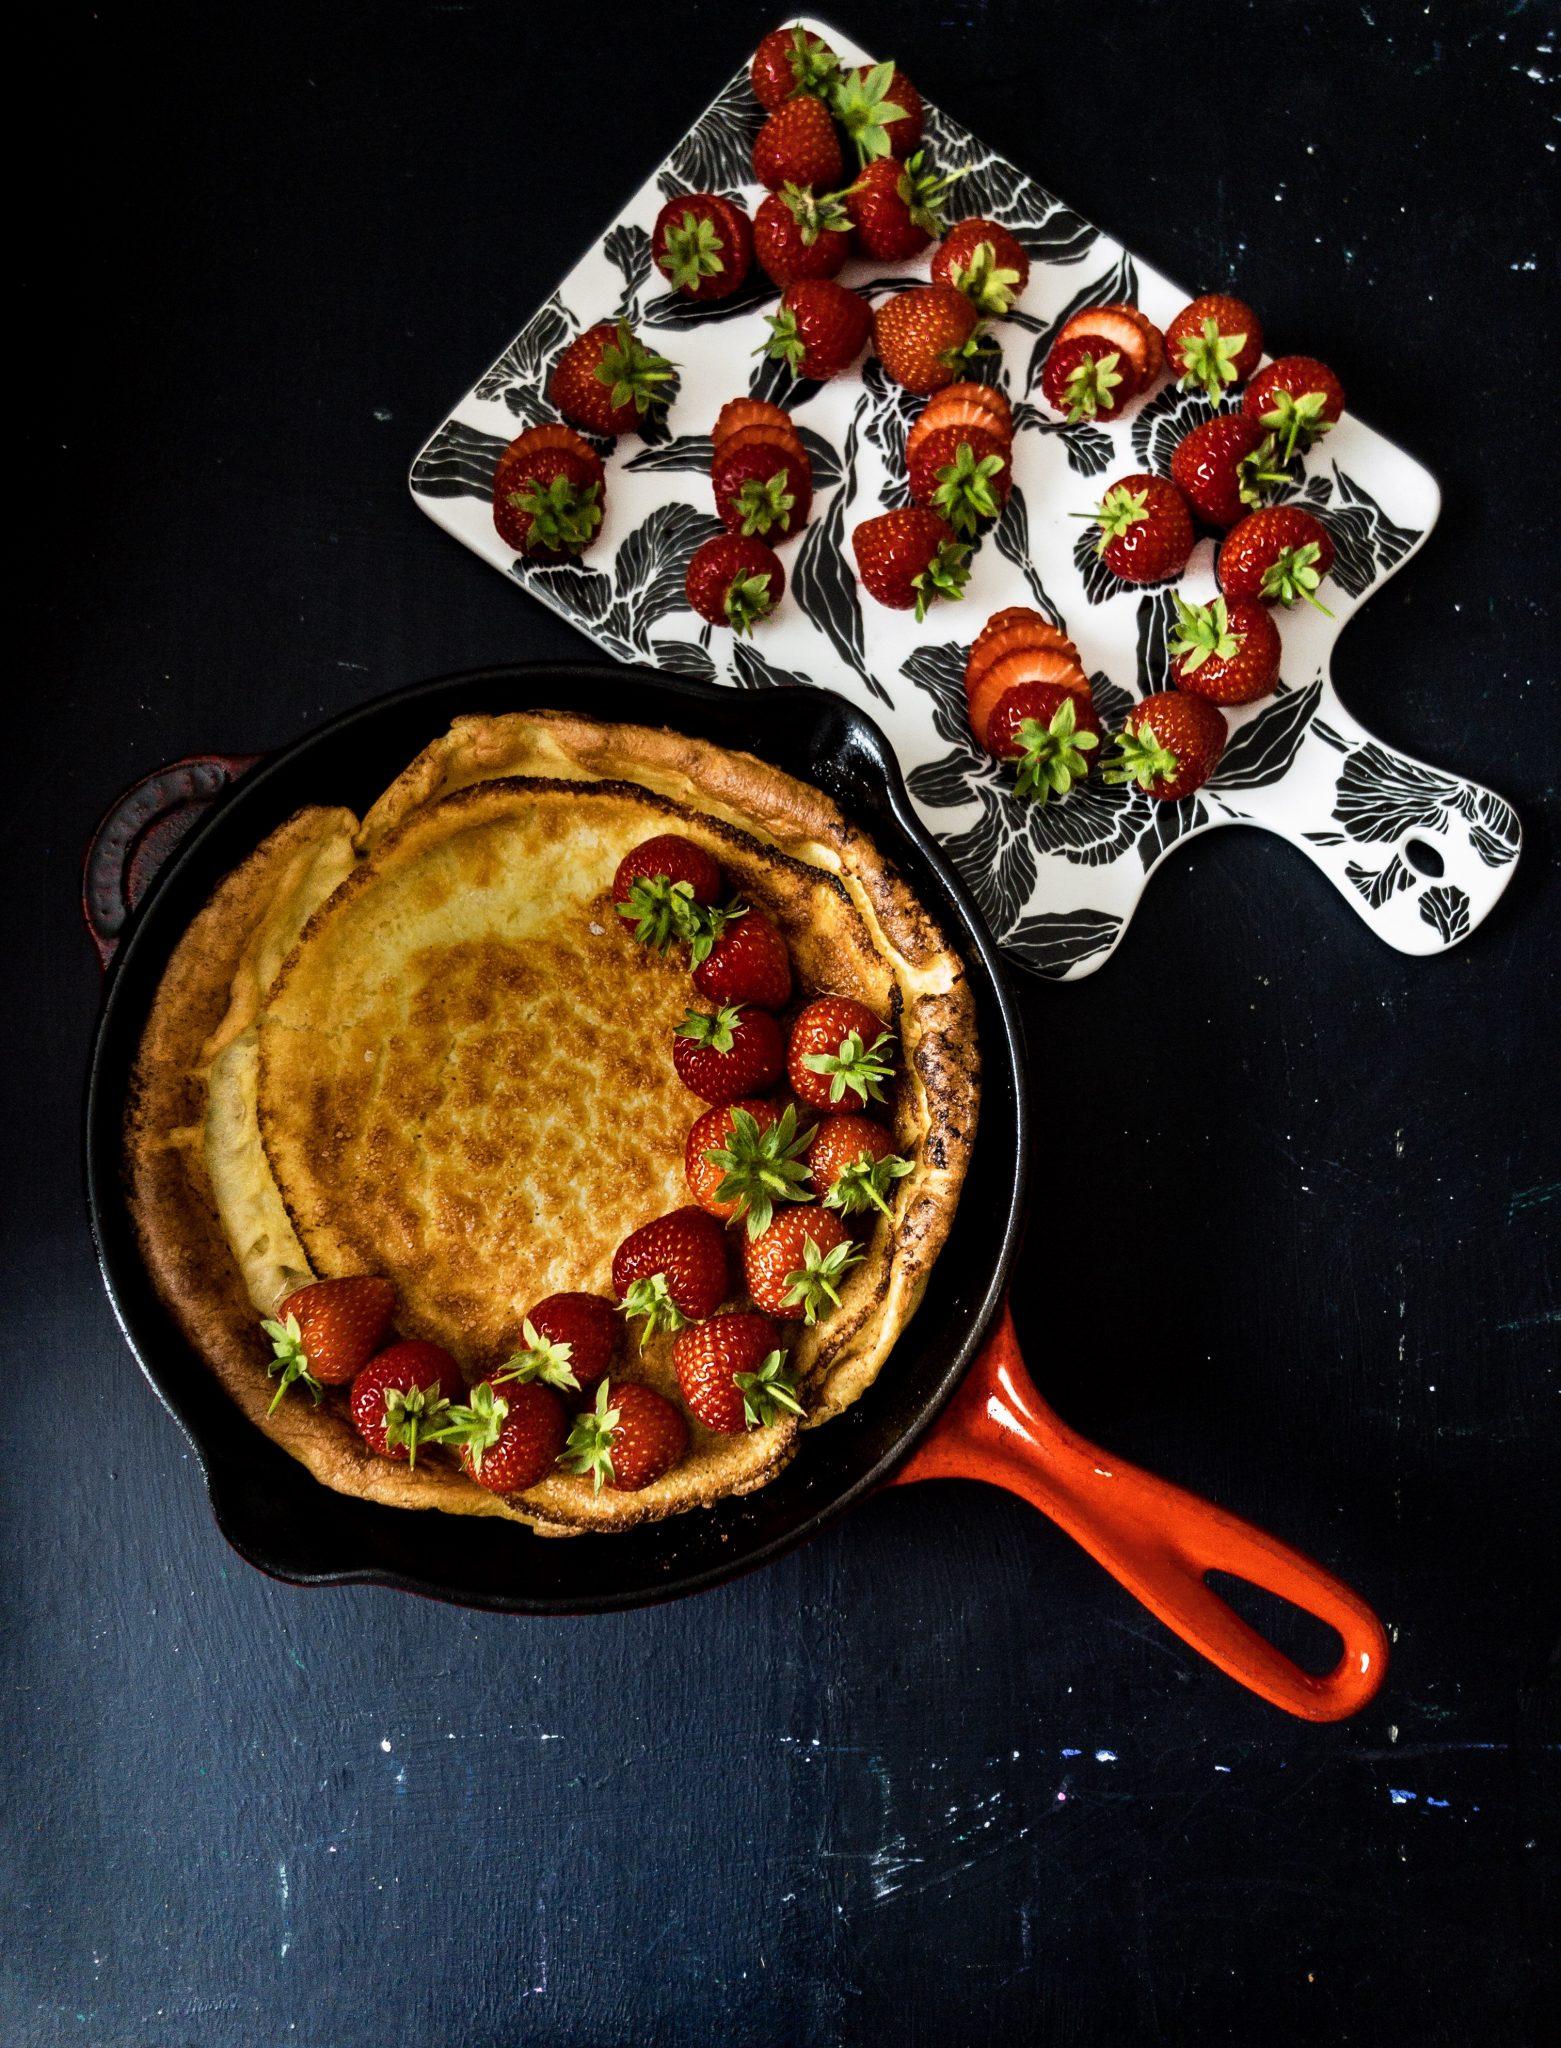 Recipe for making dutch pancakes